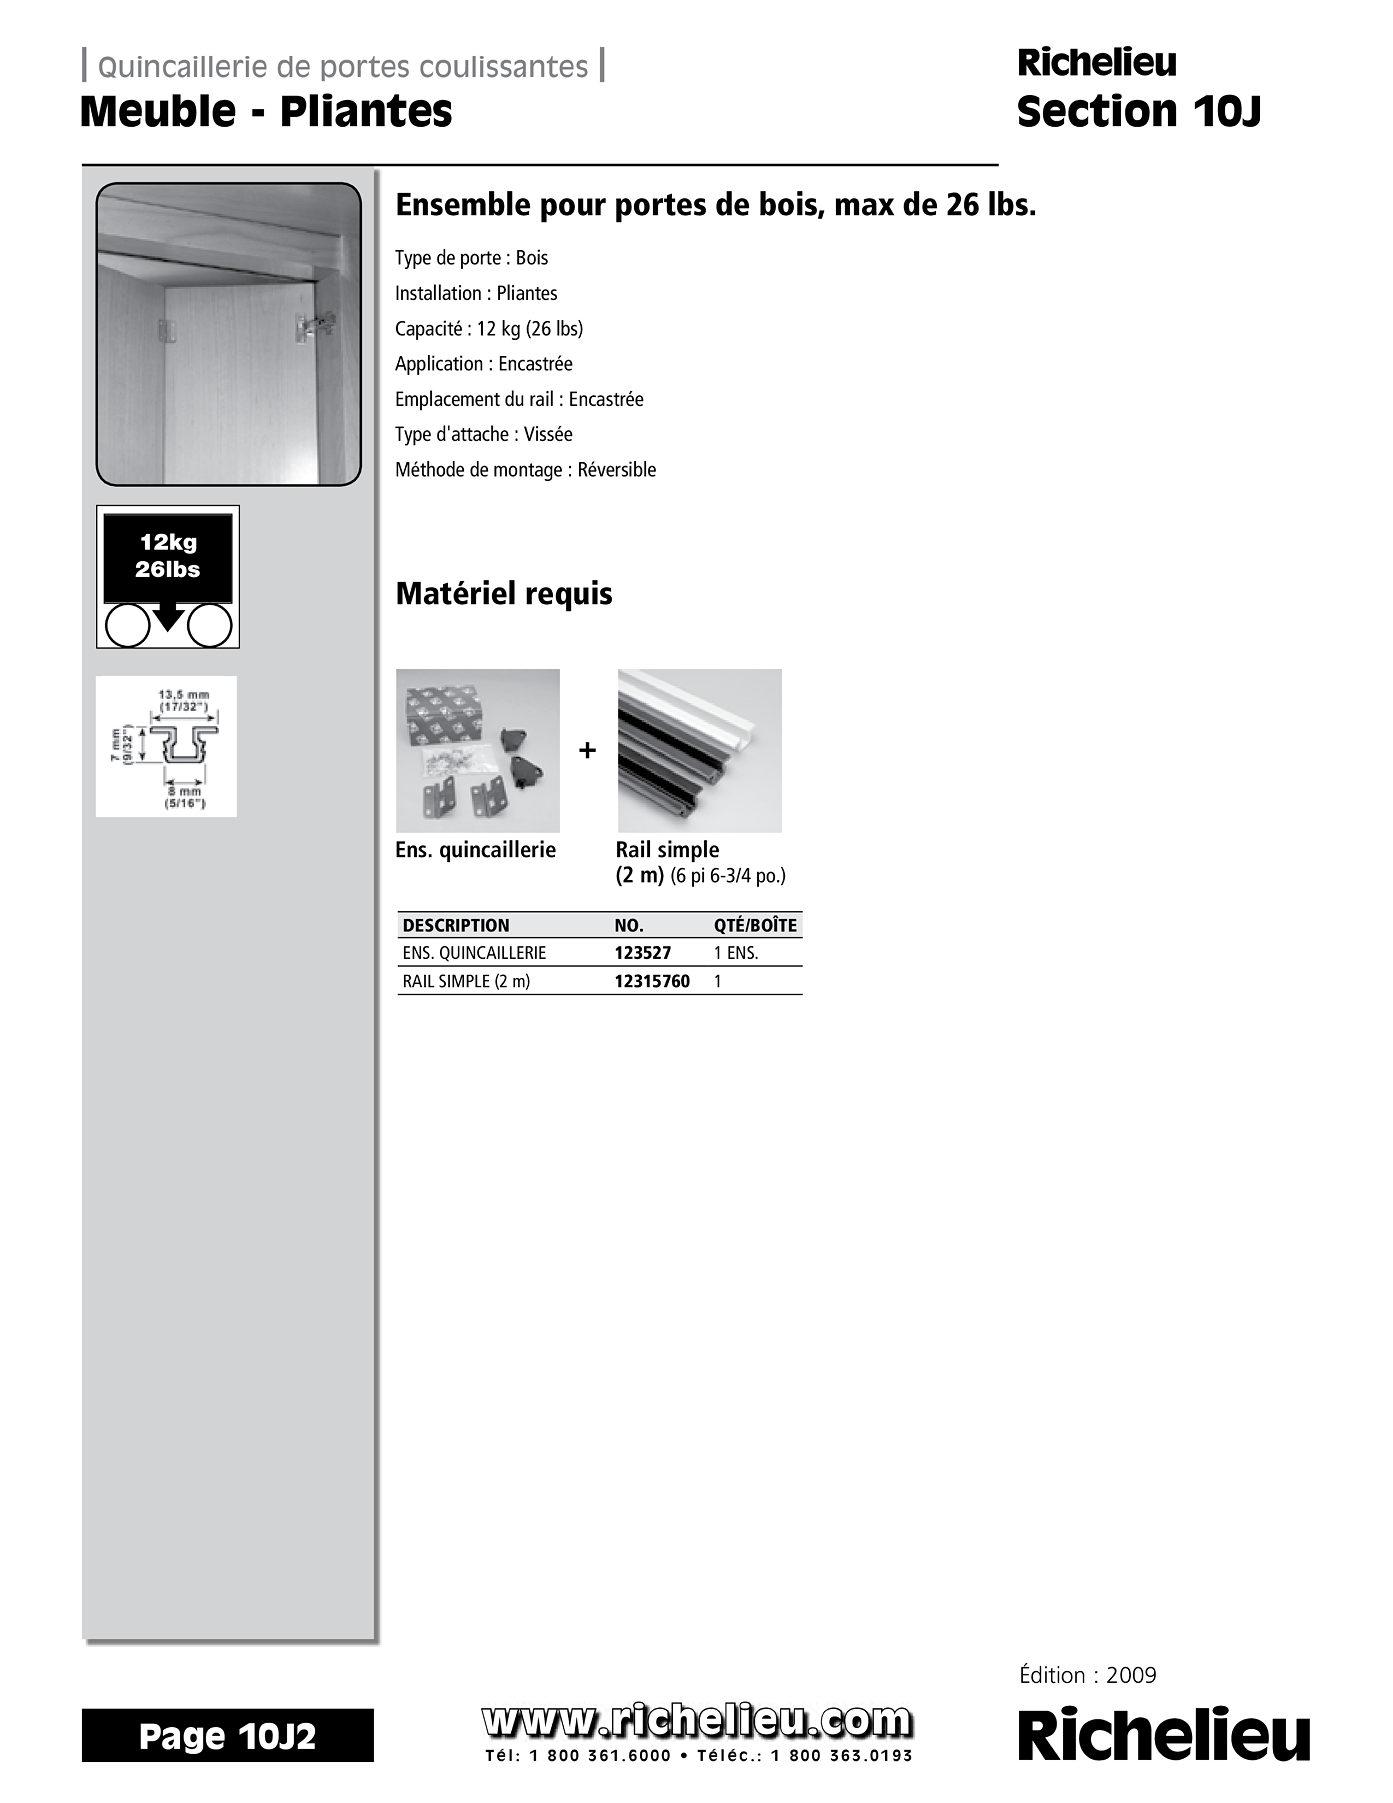 librairie des catalogues richelieu meuble pliante page 1 quincaillerie richelieu. Black Bedroom Furniture Sets. Home Design Ideas